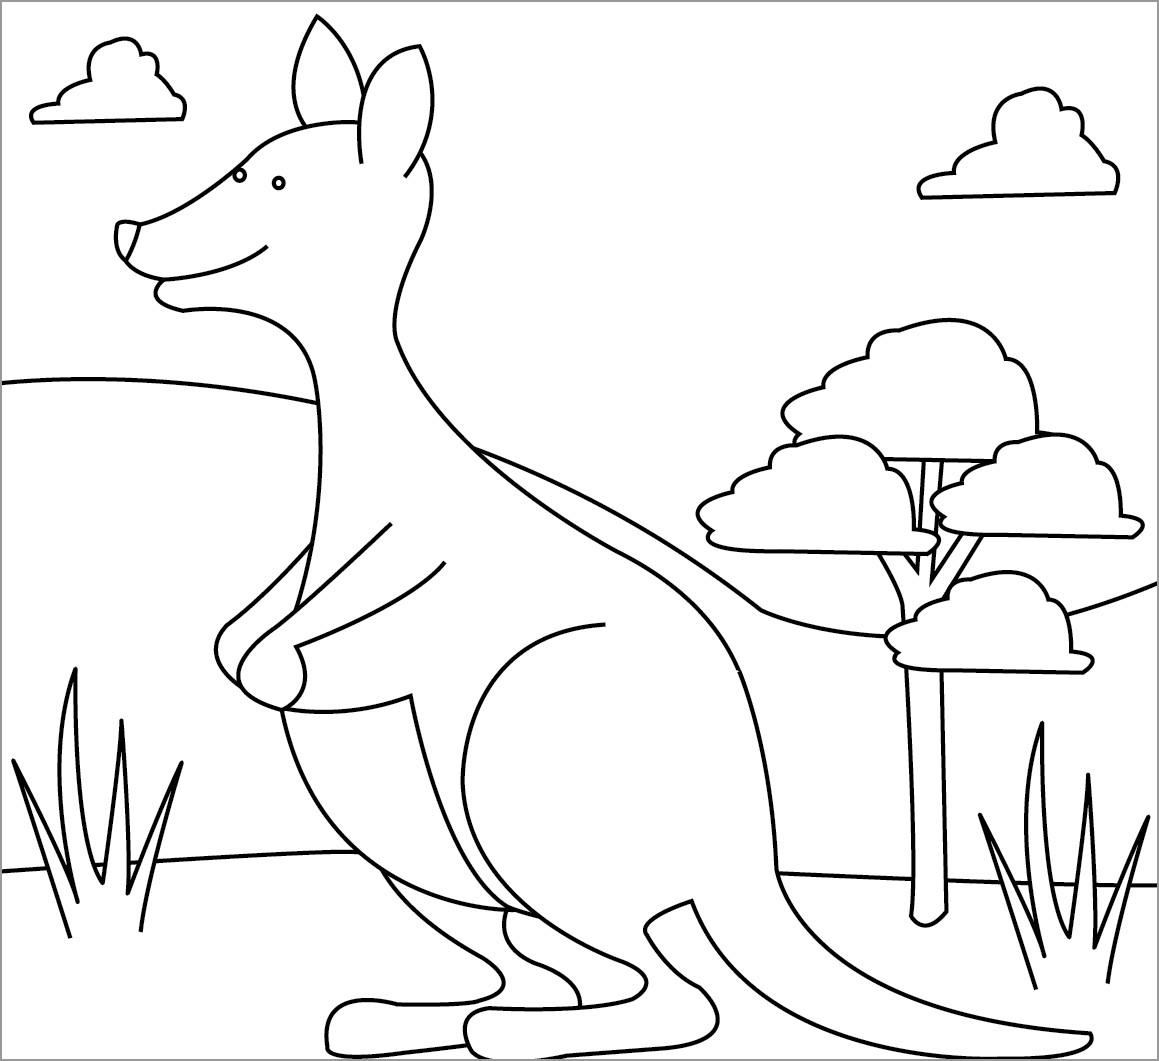 Kangaroo Coloring Page Free